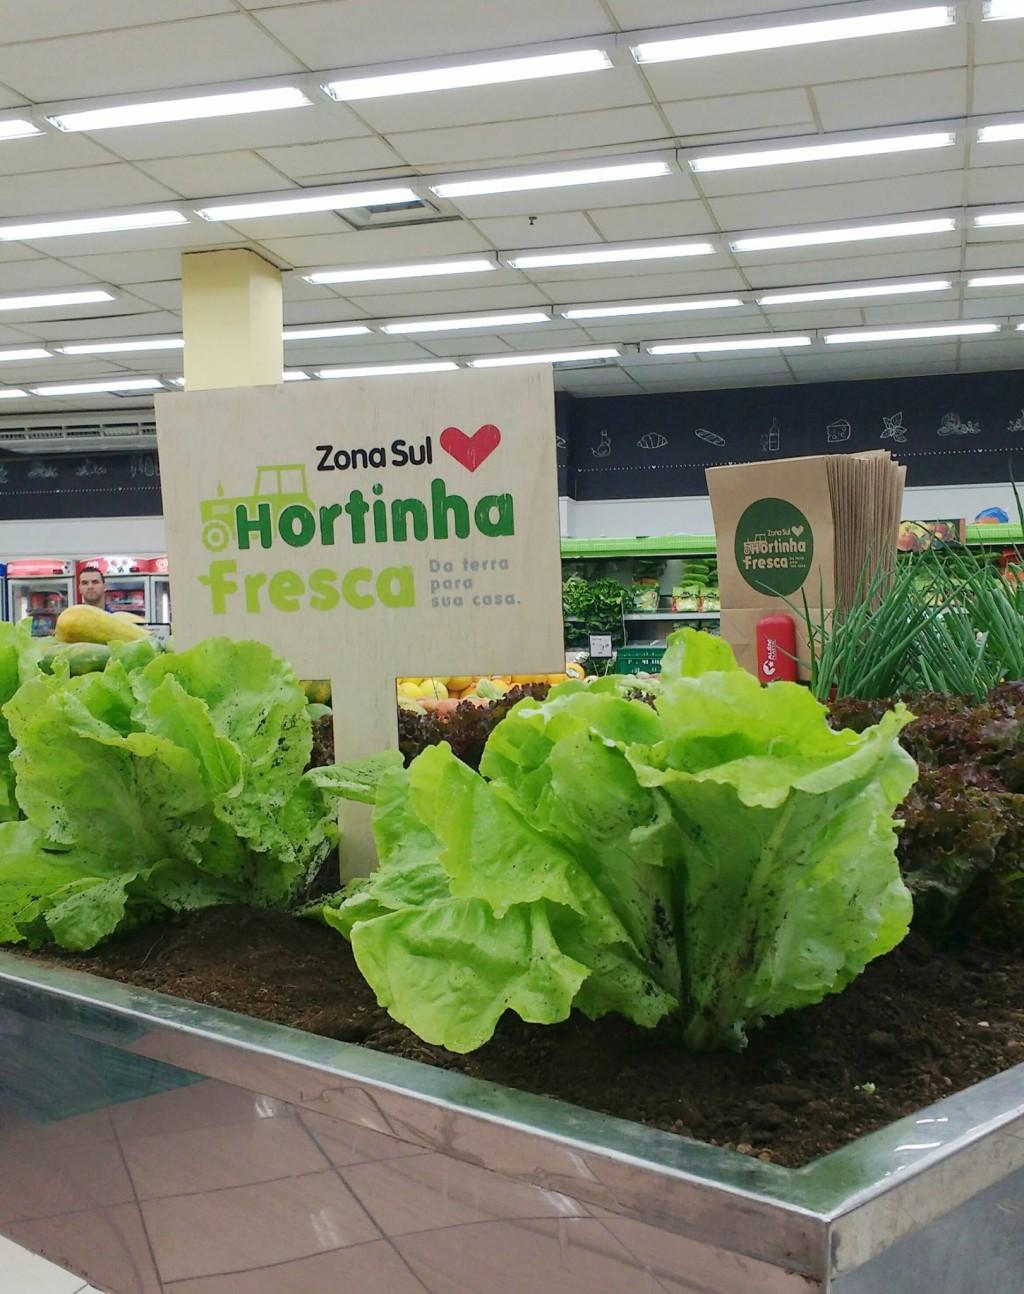 hortinha-fresca-supermercados-zona-sul-rio-de-janeiro-blog-gkpb